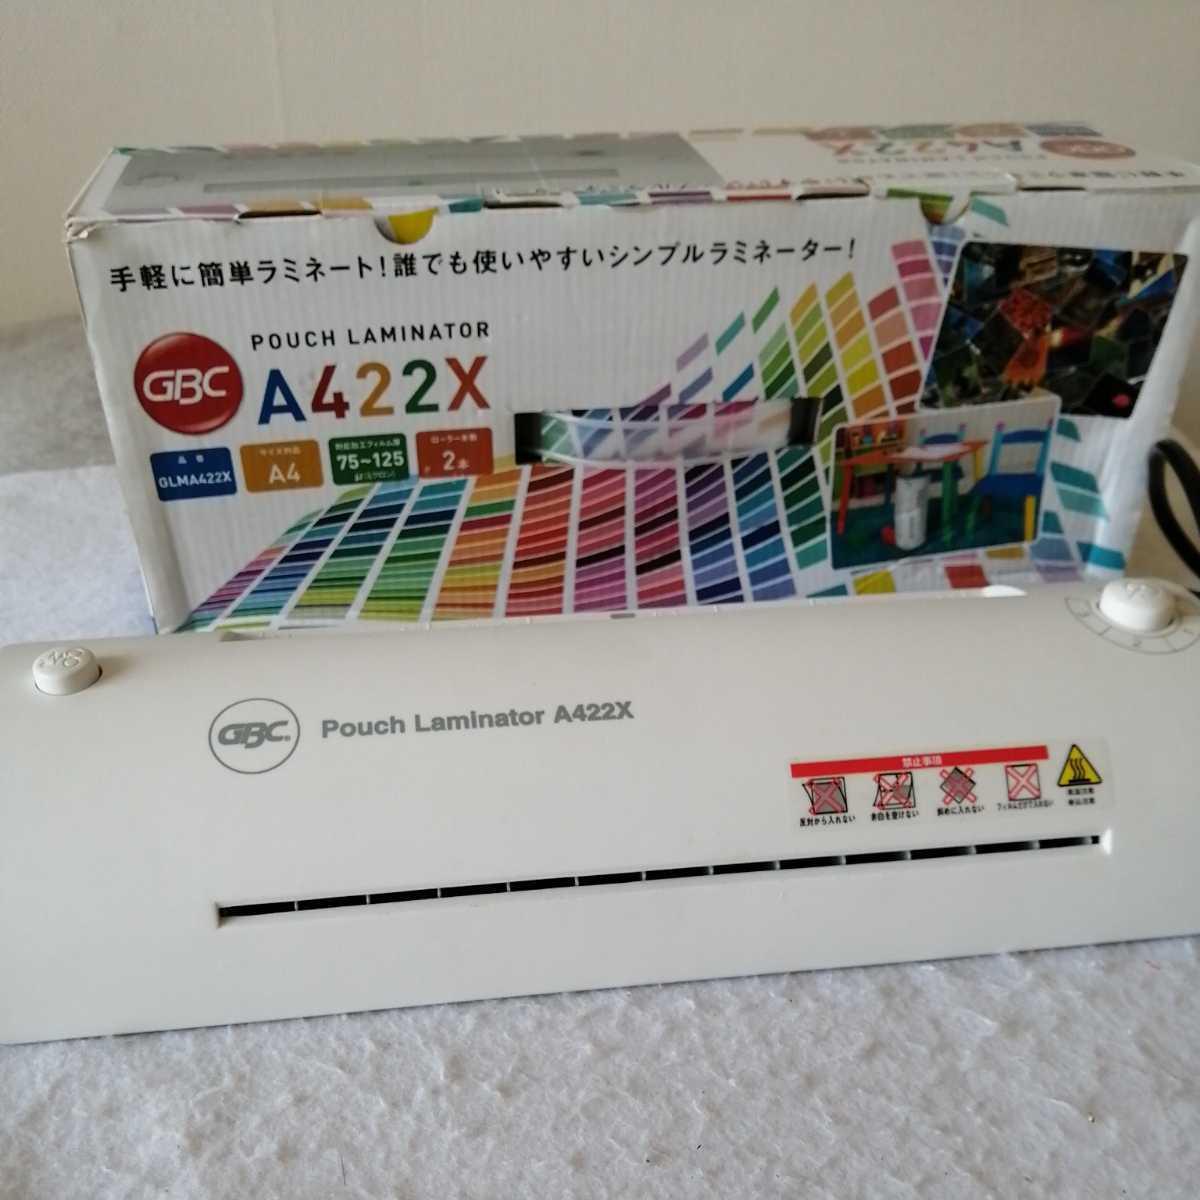 パウチラミネーター GLMA422 ホワイト A4サイズ対応 アコ・ブランズ・ジャパン株式会社